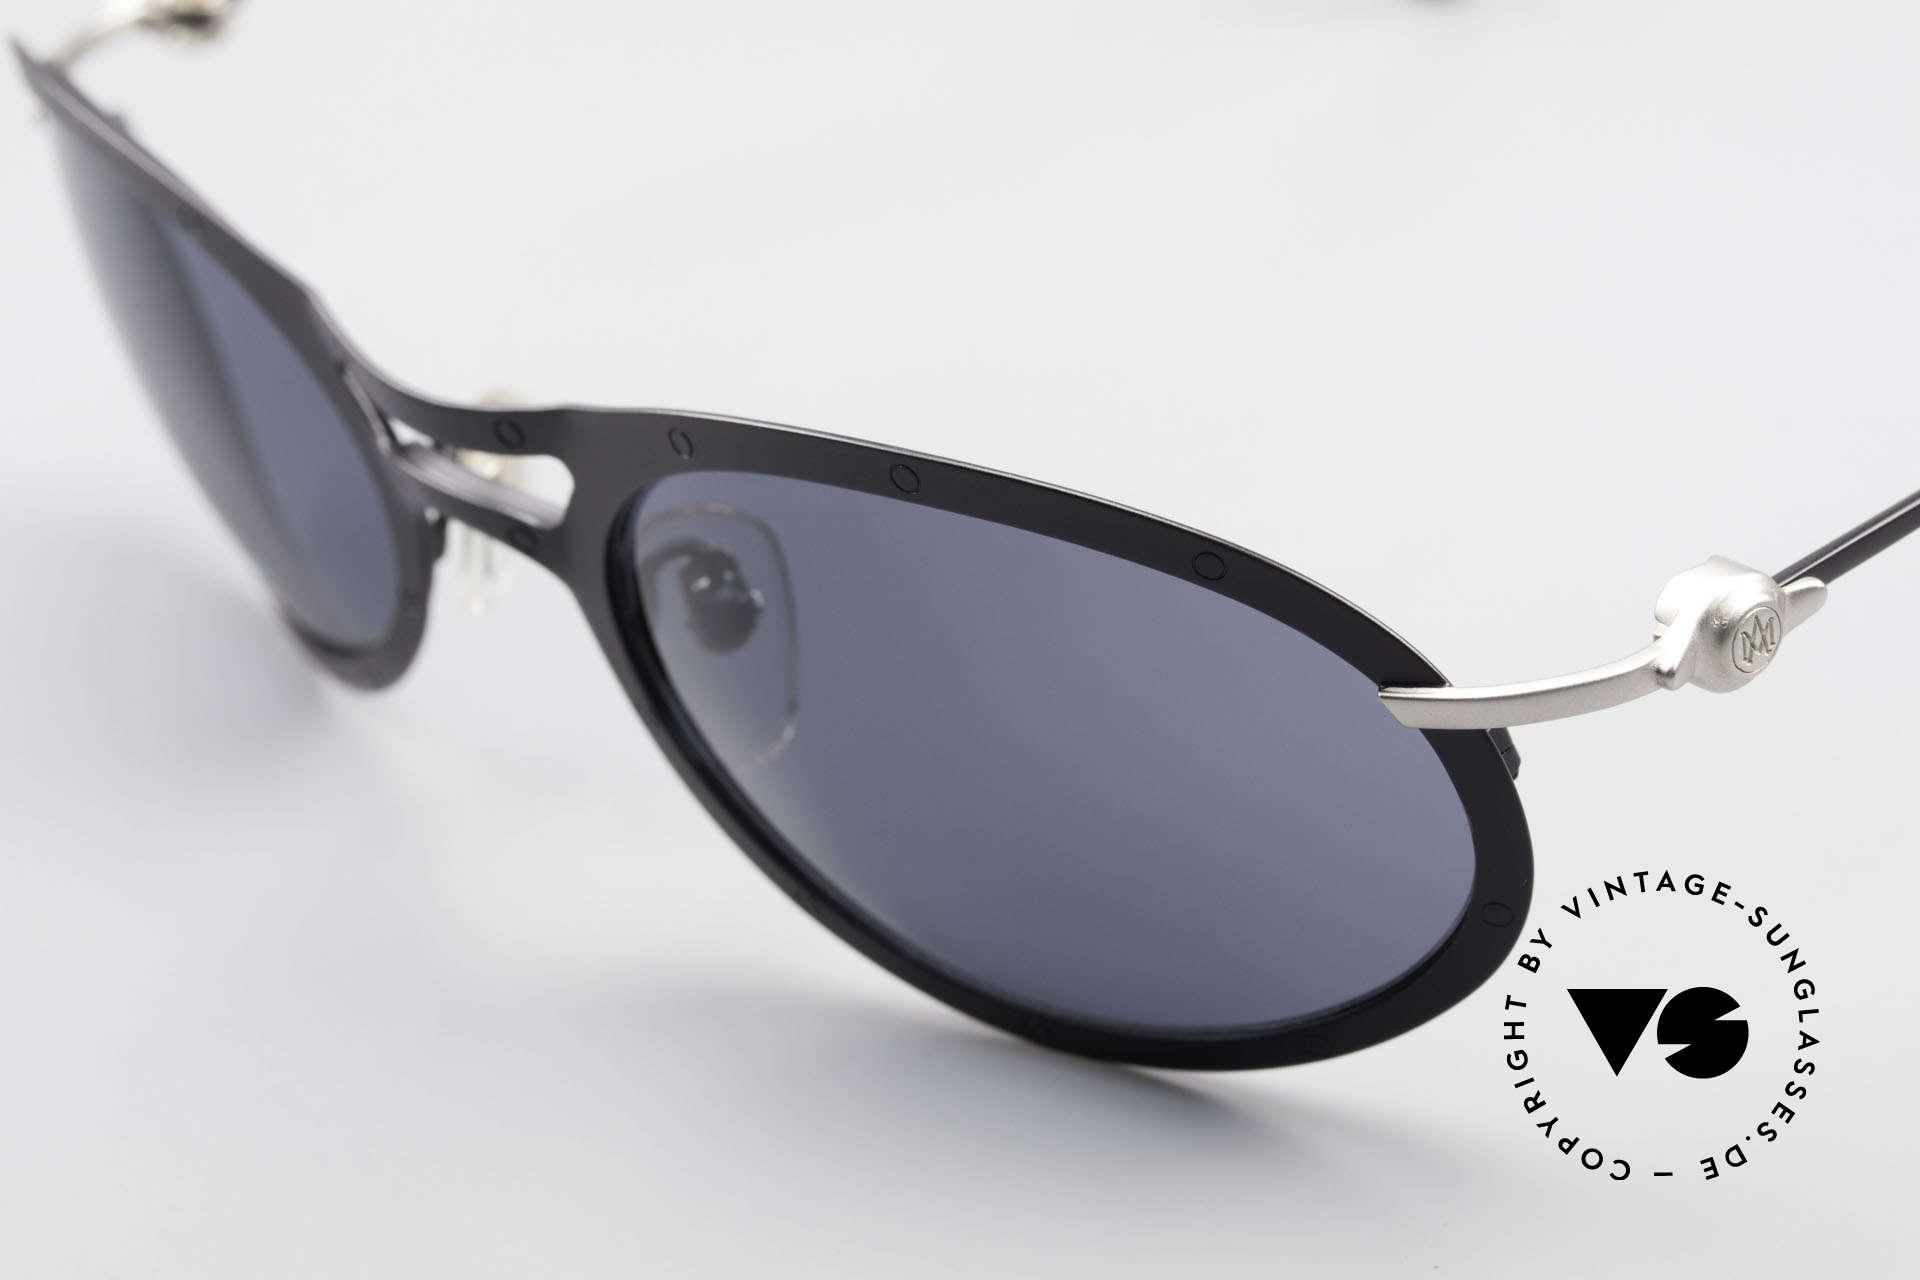 Aston Martin AM33 Wrap Around Sonnenbrille 90er, ungetragenes Einzelstück in Gr. 59-22 (inkl. orig. Etui), Passend für Herren